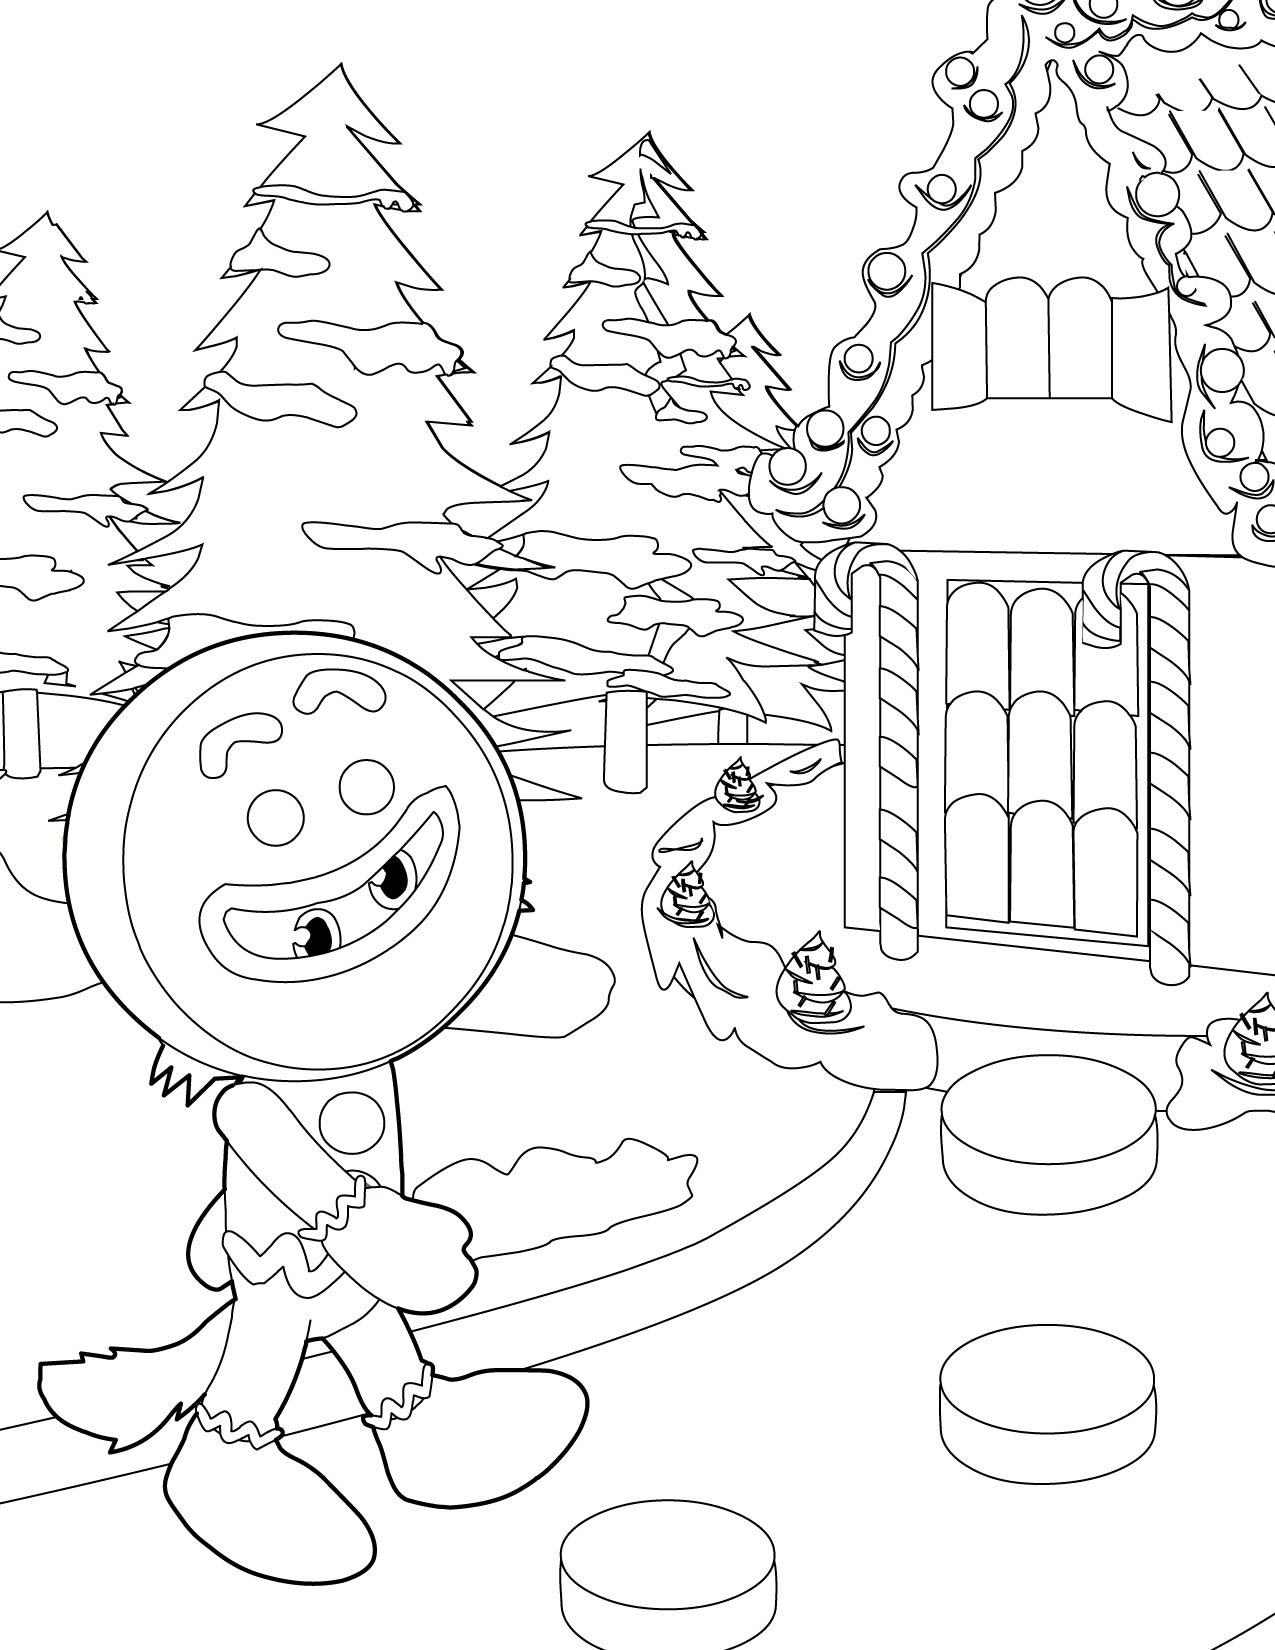 Shrek Gingerbread Man Coloring Pages At Getcolorings